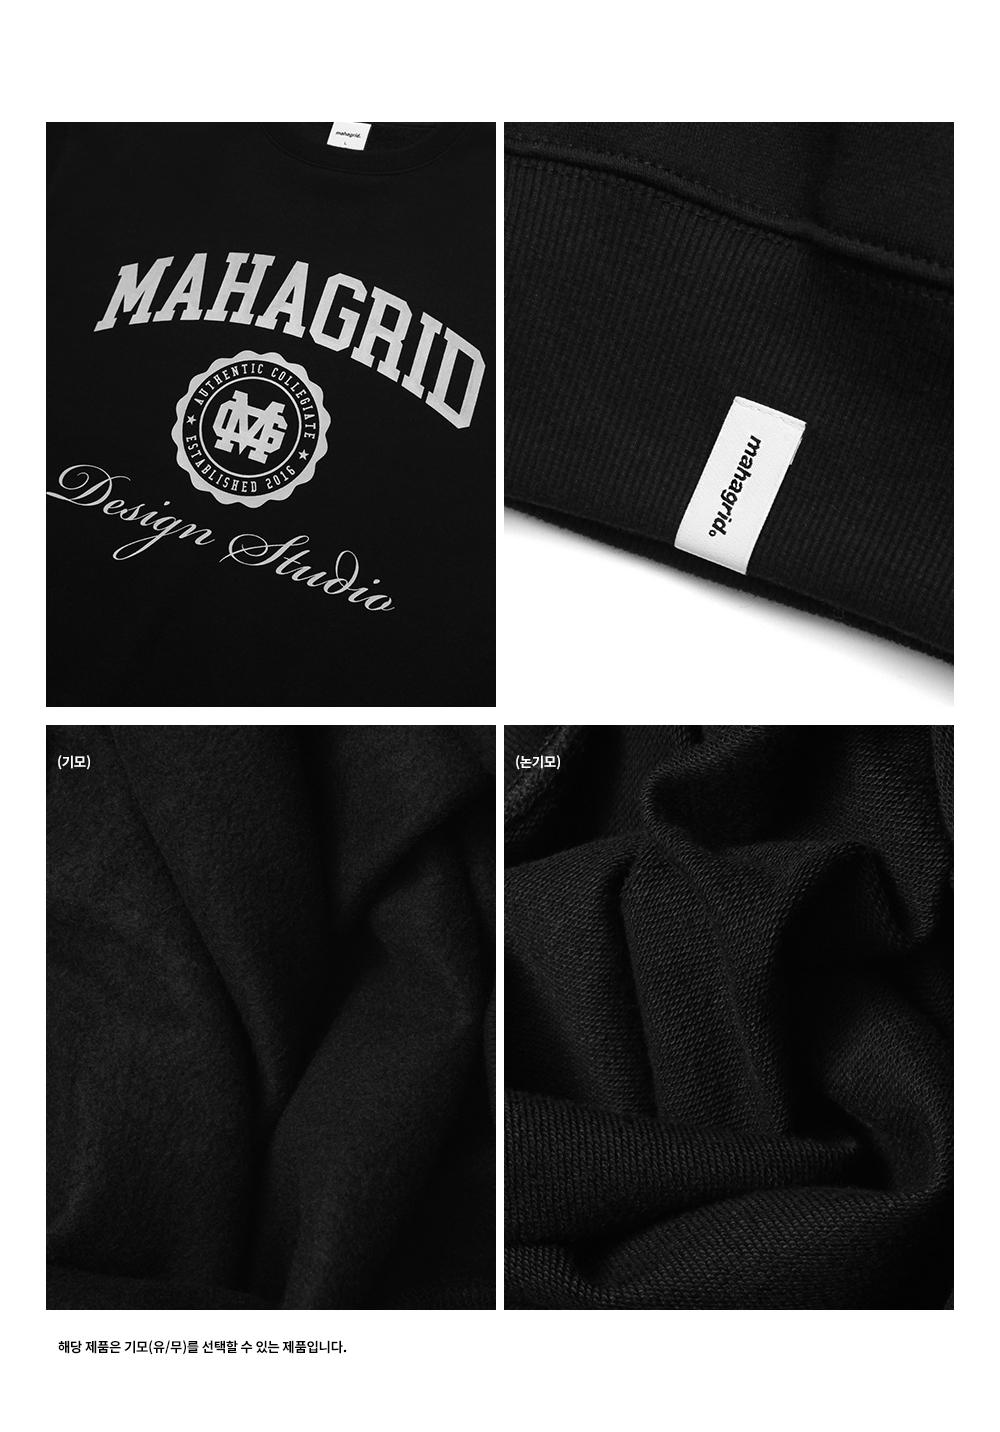 마하그리드(MAHAGRID) AUTHENTIC SWEATSHIRT BLACK(MG2BFMM463A)